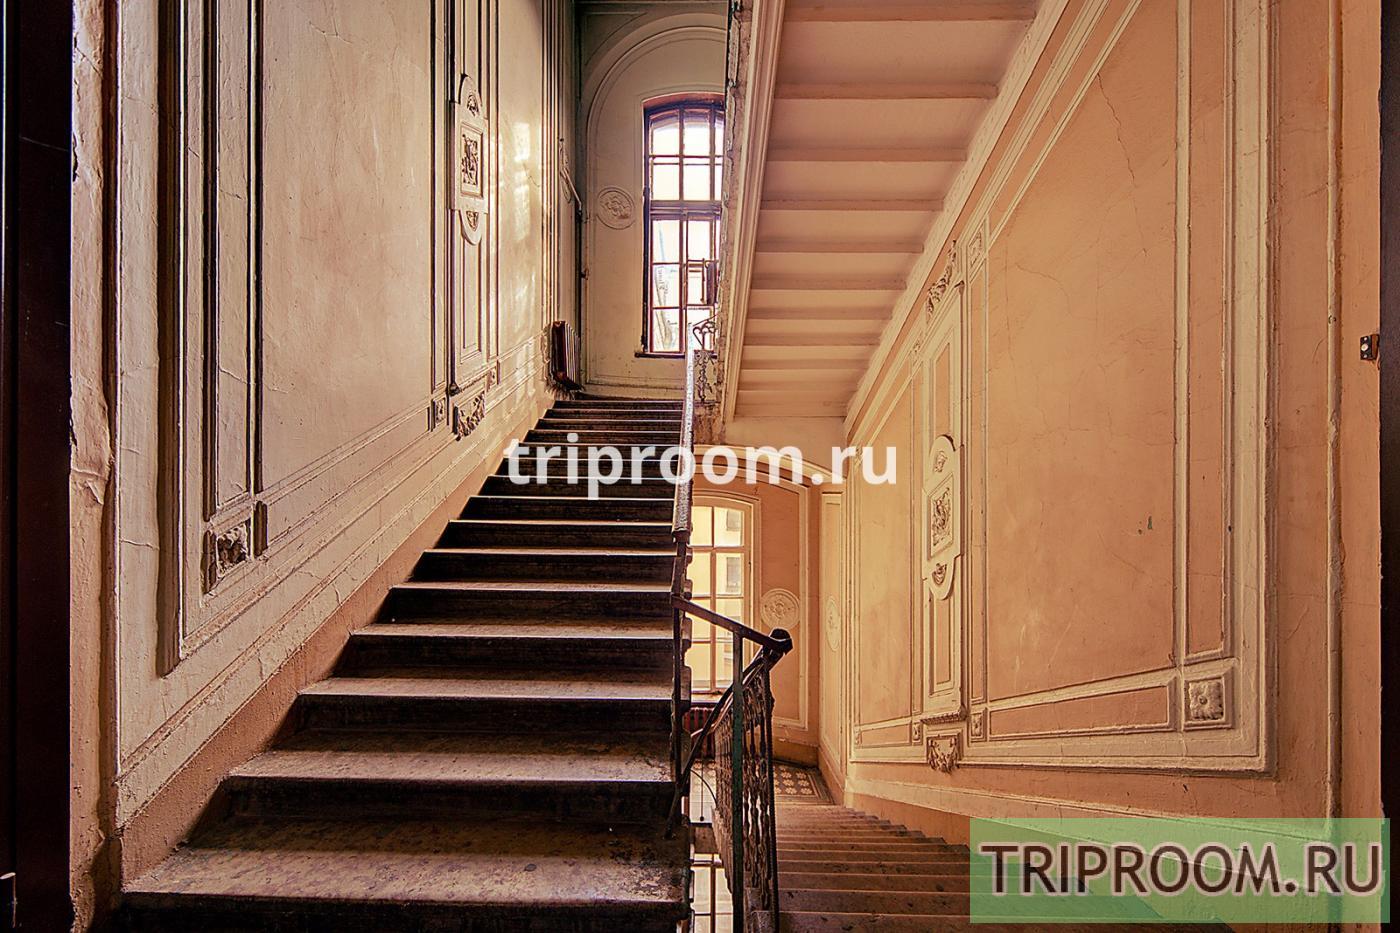 1-комнатная квартира посуточно (вариант № 15073), ул. Итальянская улица, фото № 10